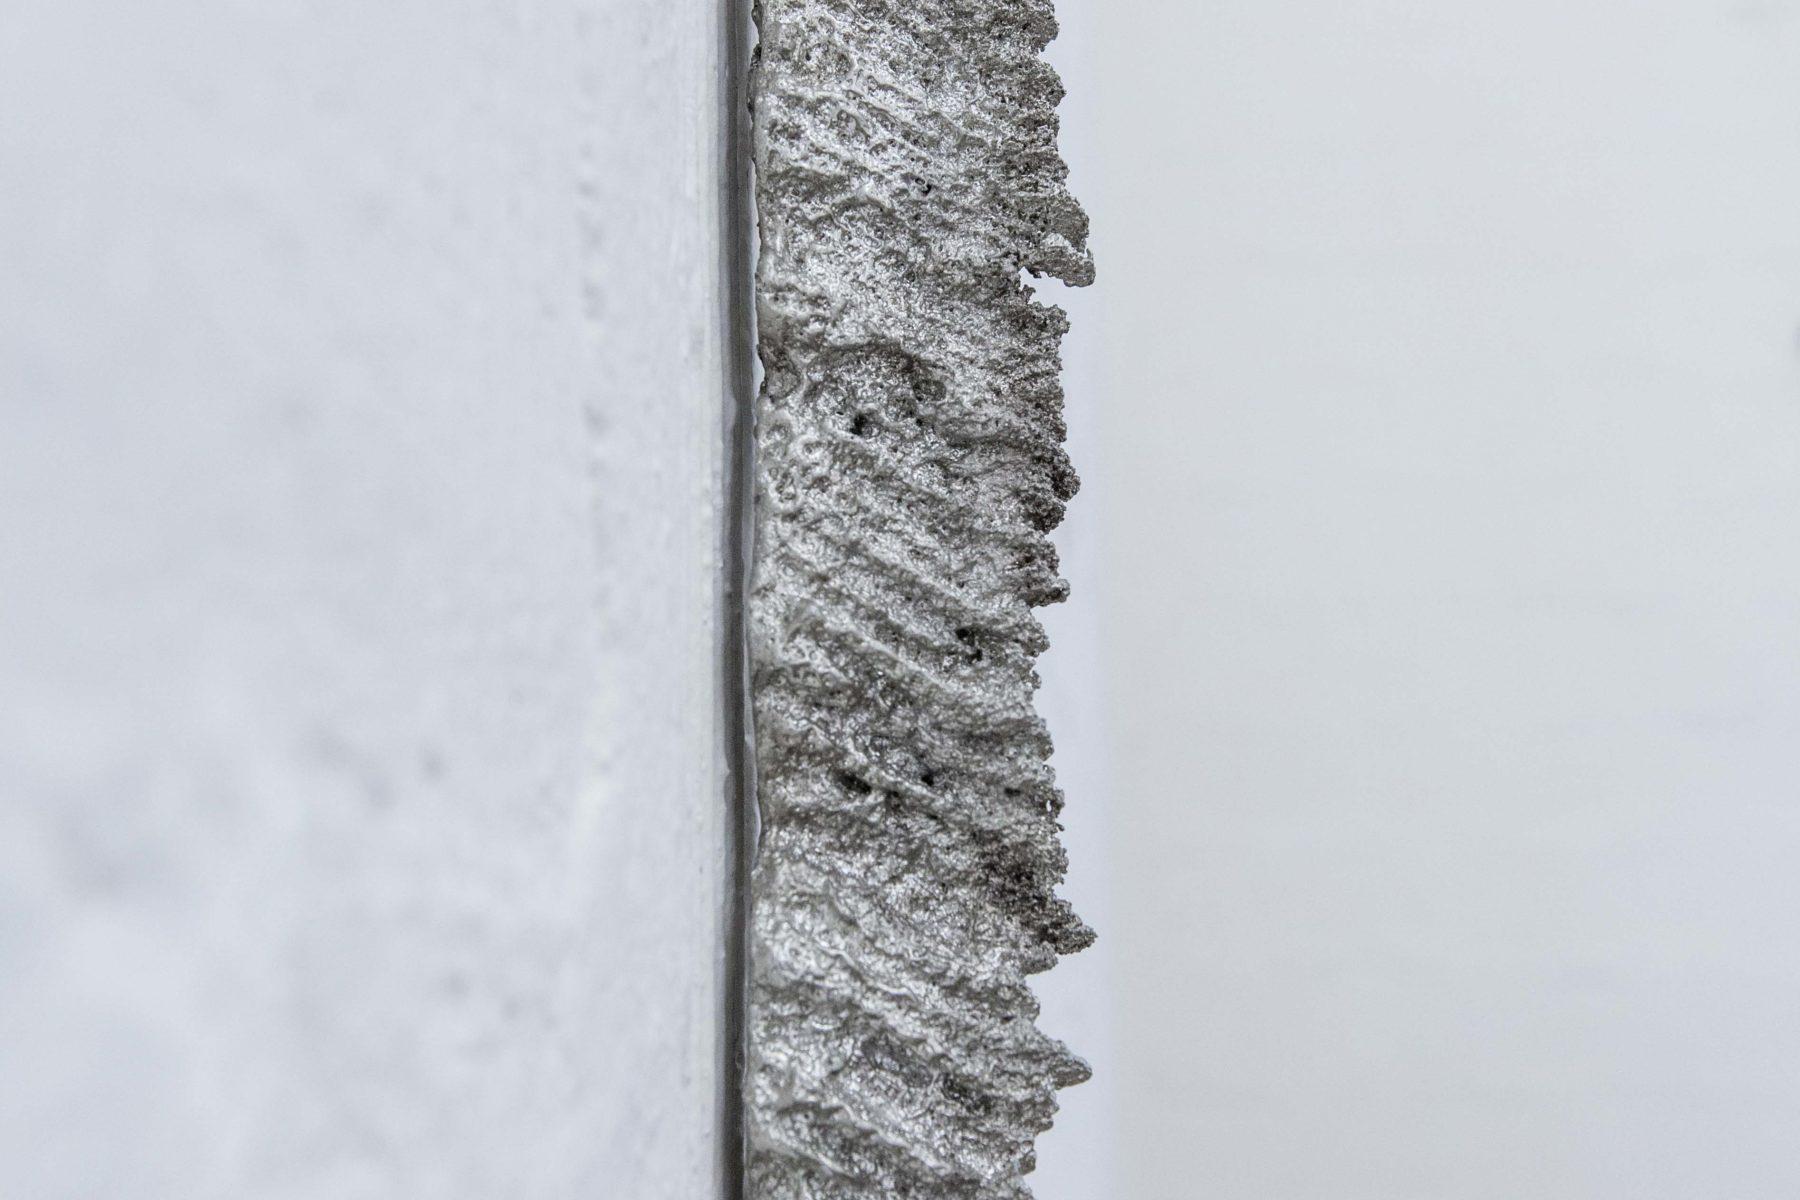 VOID, Au claire de la lune, 2017, tin, 355 x 7 x 4.5 cm